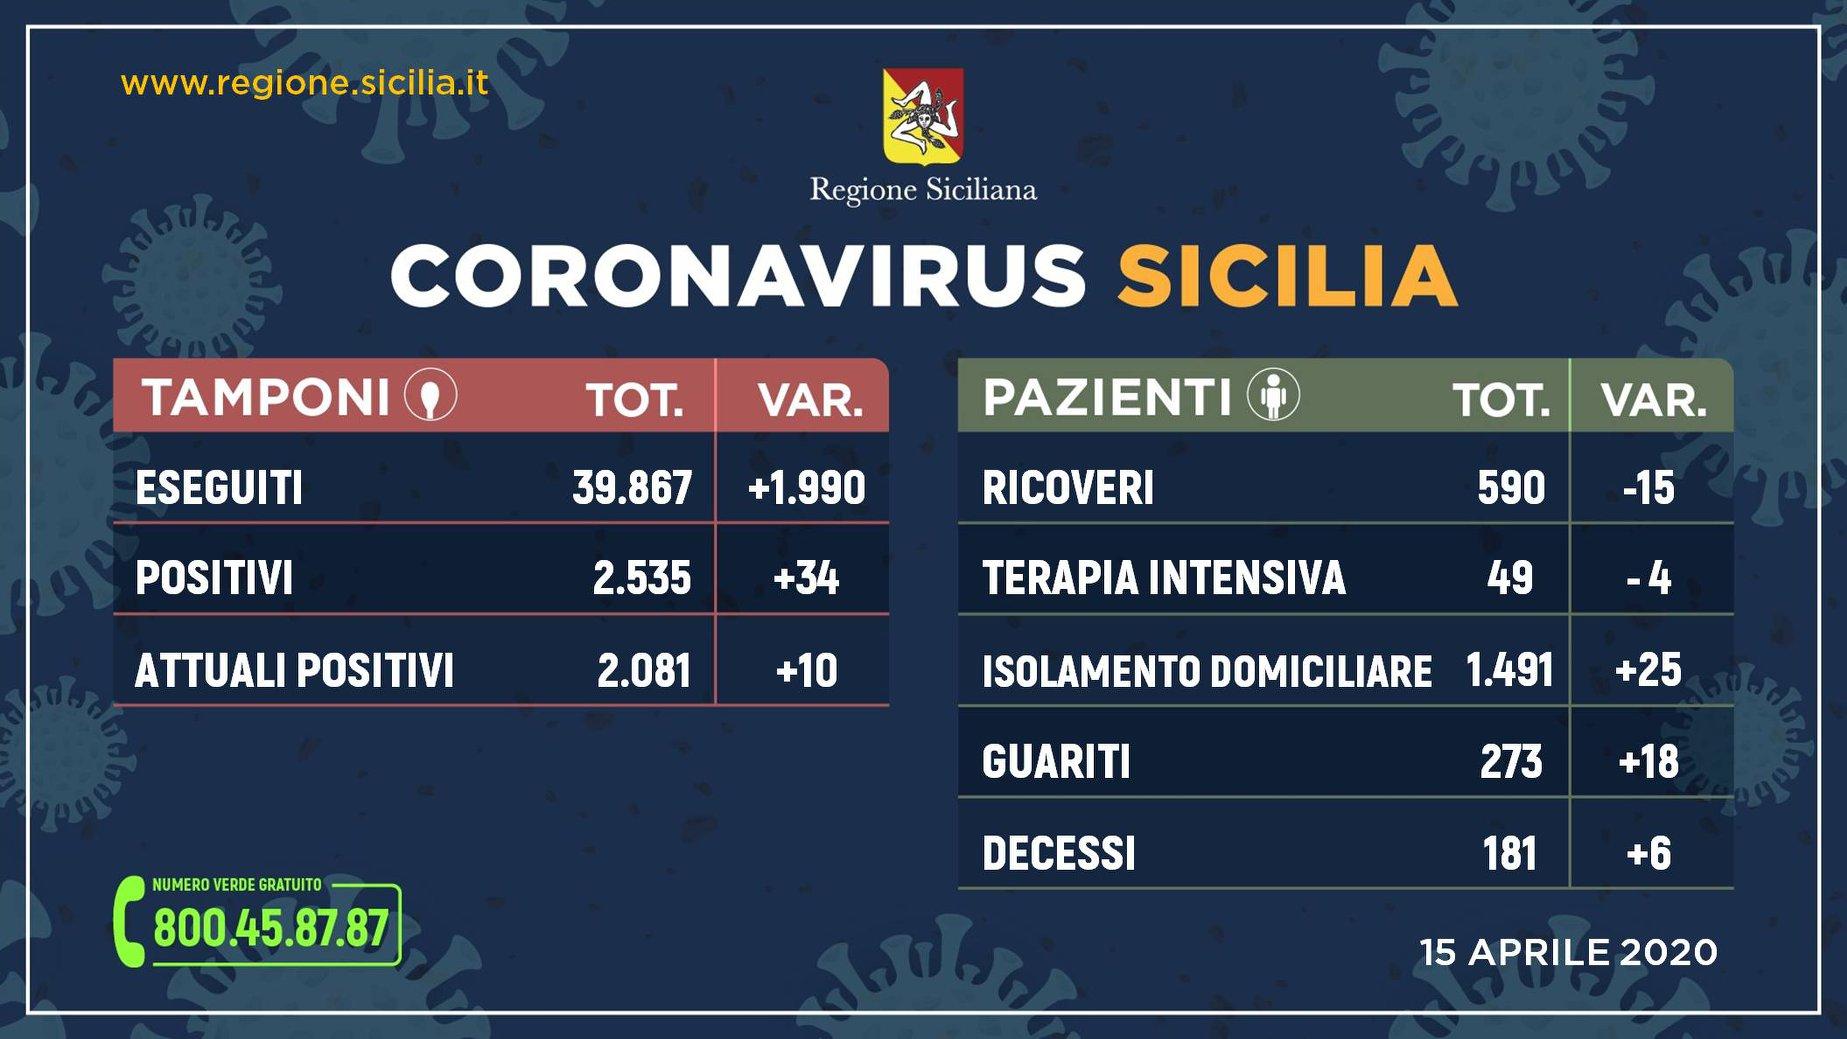 Coronavirus – Quadro riepilogativo della situazione in Sicilia